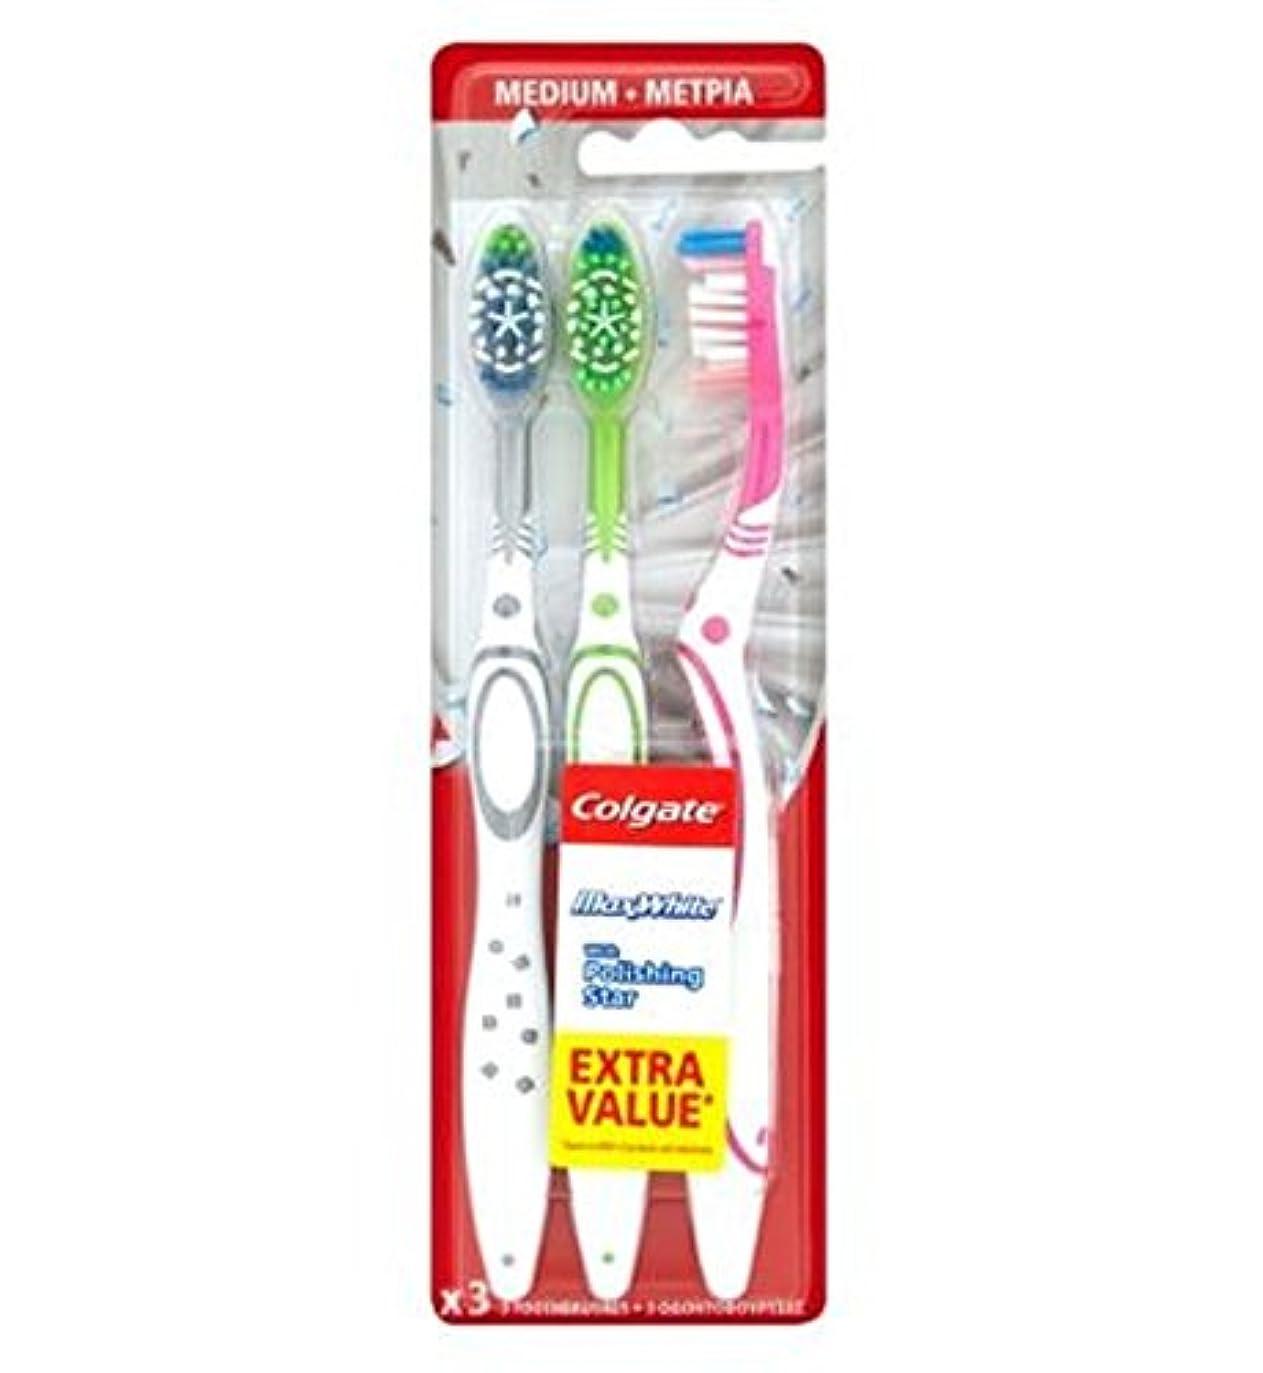 層酸化物偽物Colgate Max White Triple Pack toothbrush - コルゲートマックスホワイトトリプルパック歯ブラシ (Colgate) [並行輸入品]